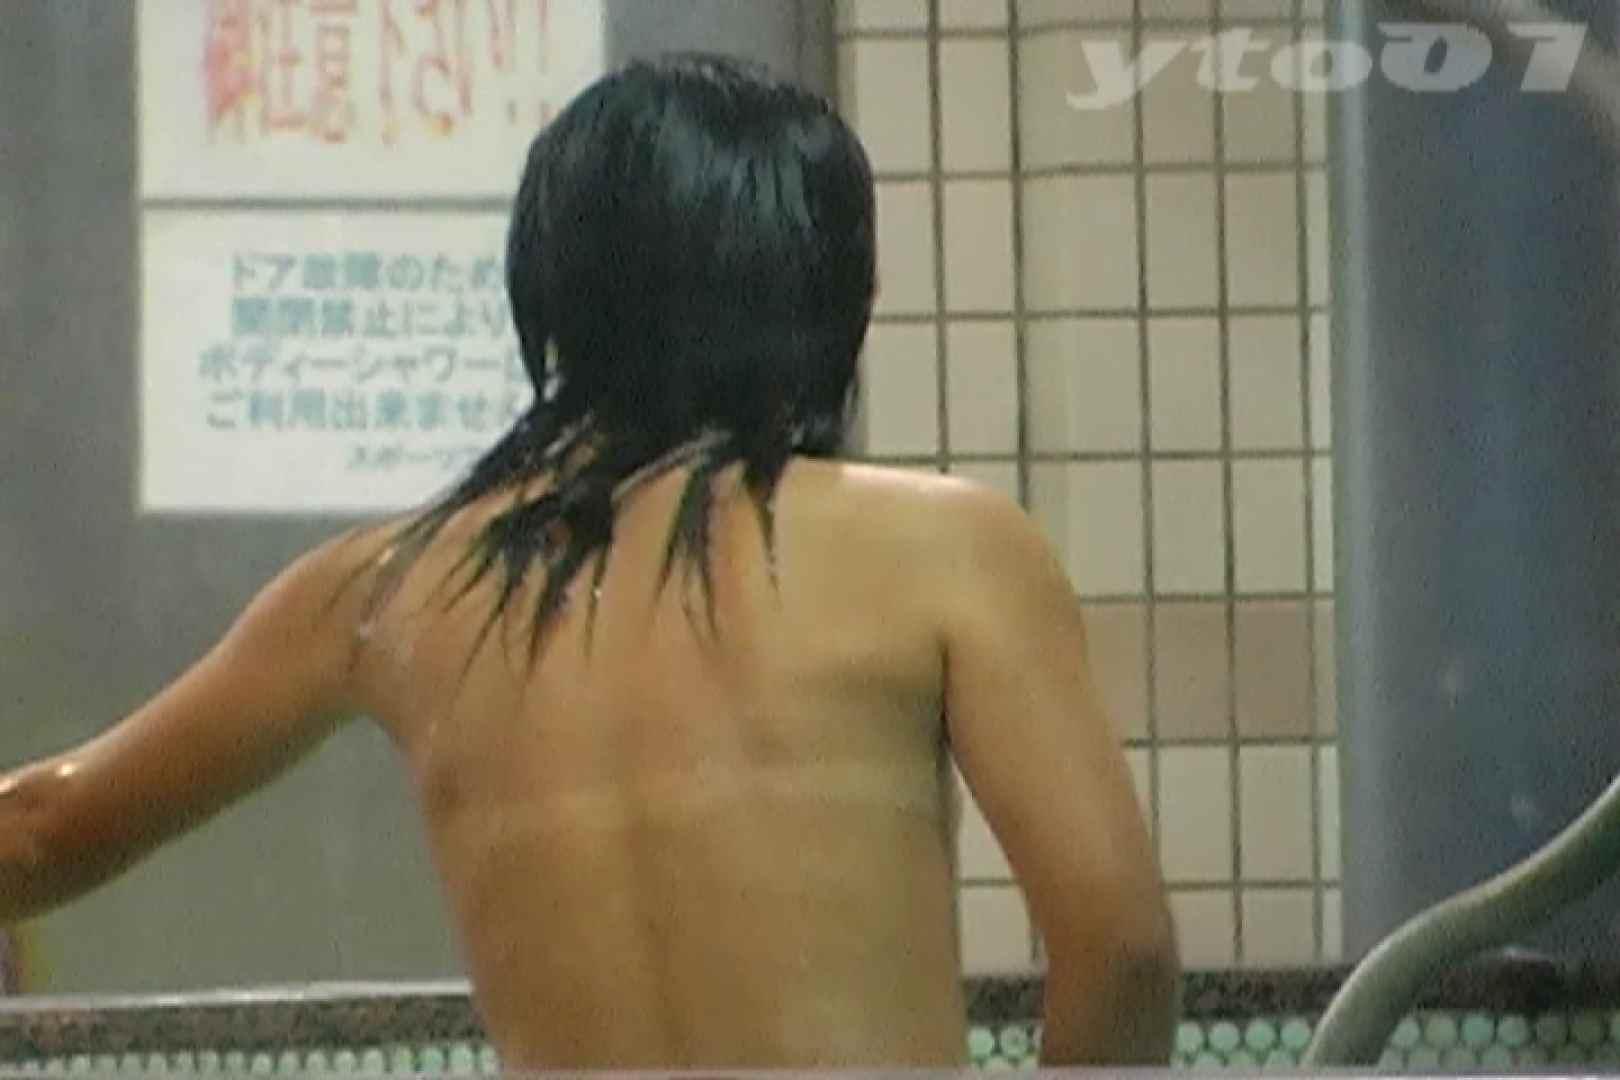 ▲復活限定▲合宿ホテル女風呂盗撮 Vol.02 女風呂 AV無料動画キャプチャ 70PIX 12